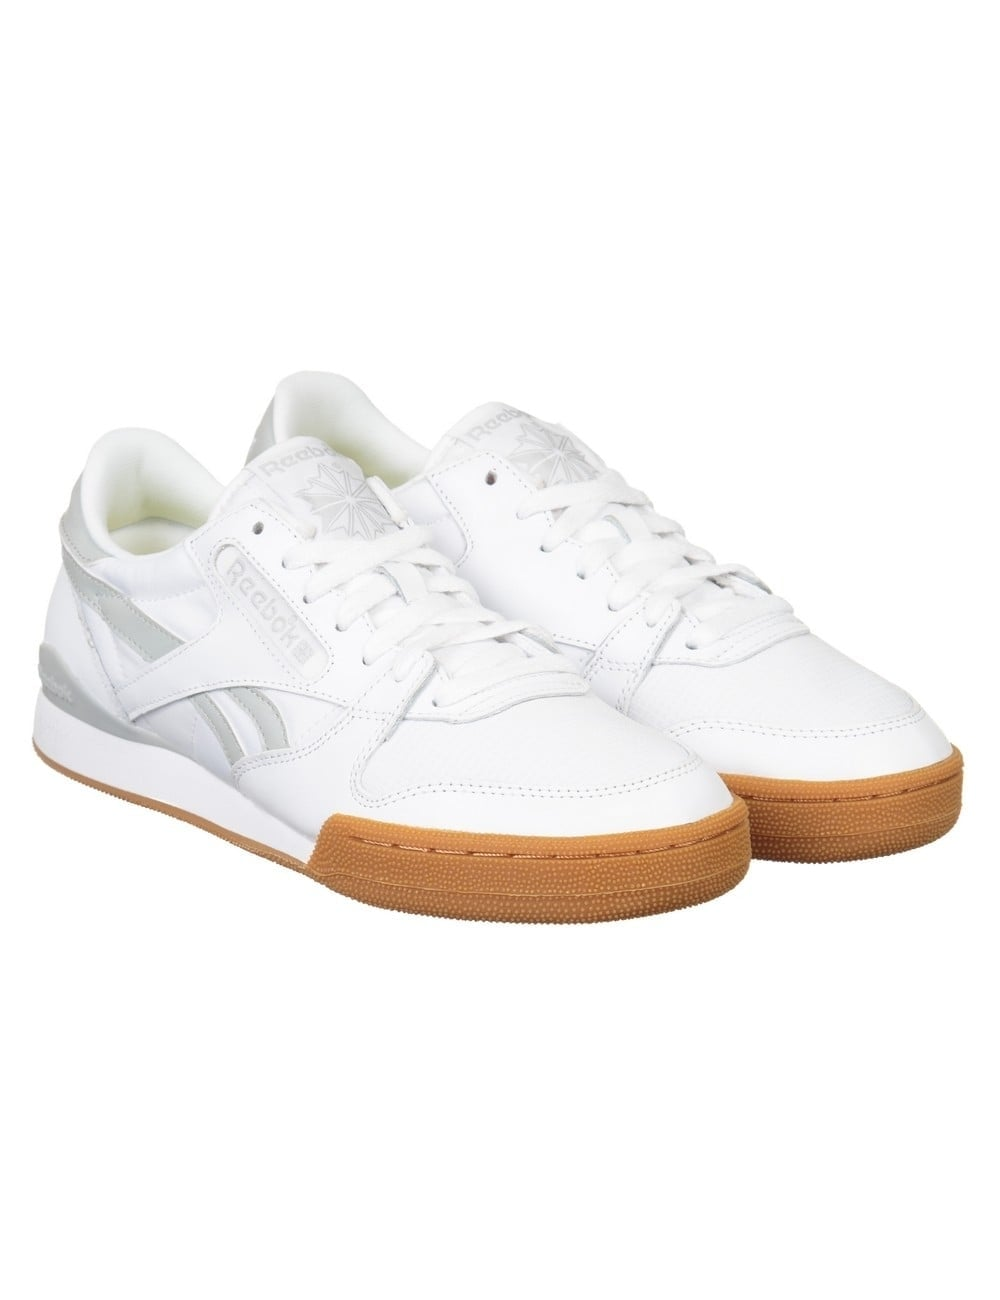 e696fd5e9b96e Reebok Phase 1 Pro CP Trainers - White Ski - Footwear from Fat ...